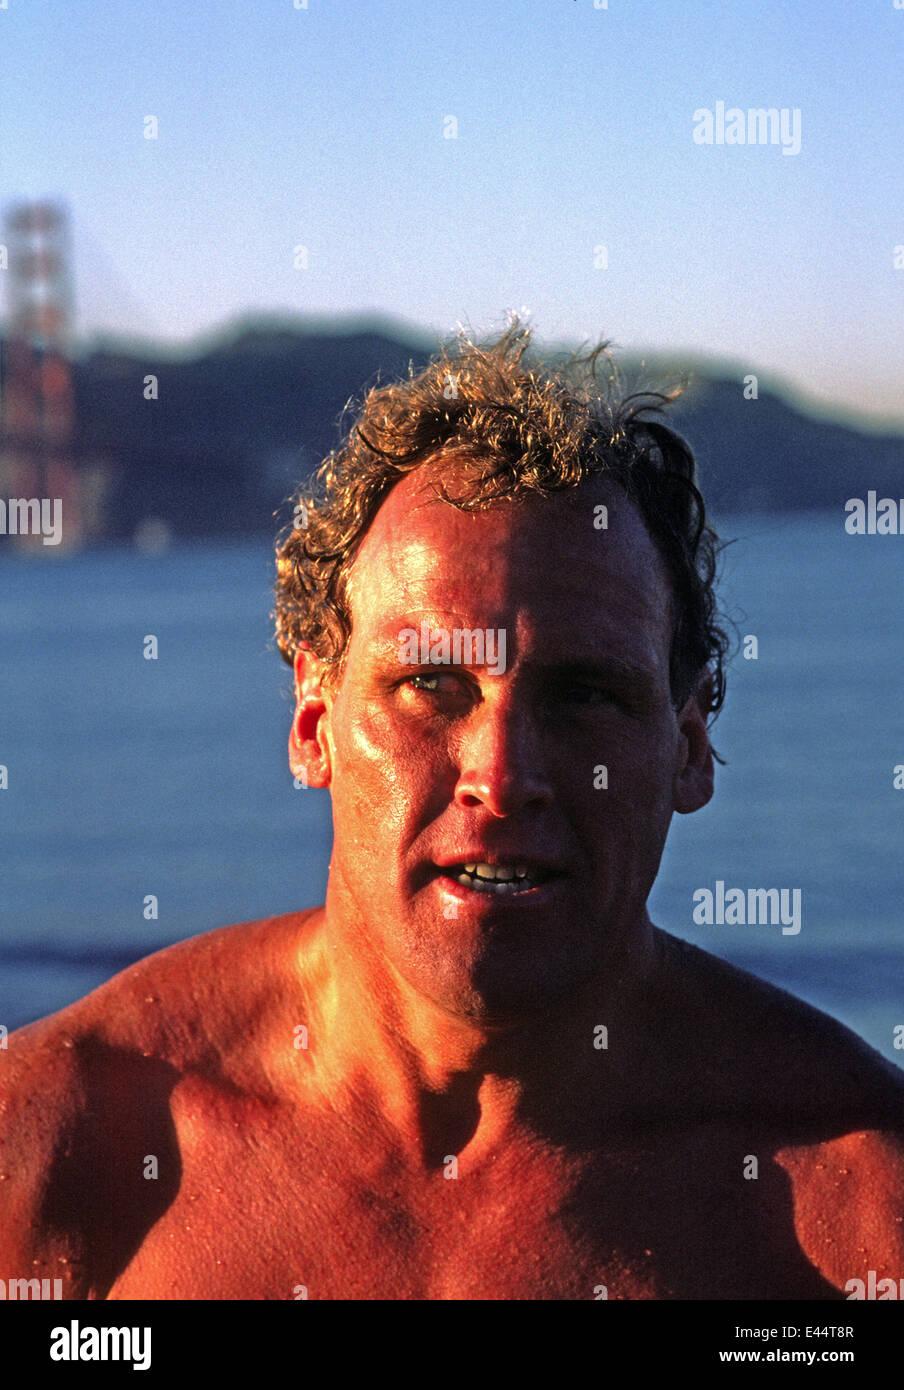 Dave Horning dopo nuotata nella Baia di San Francisco nel 1985 Immagini Stock